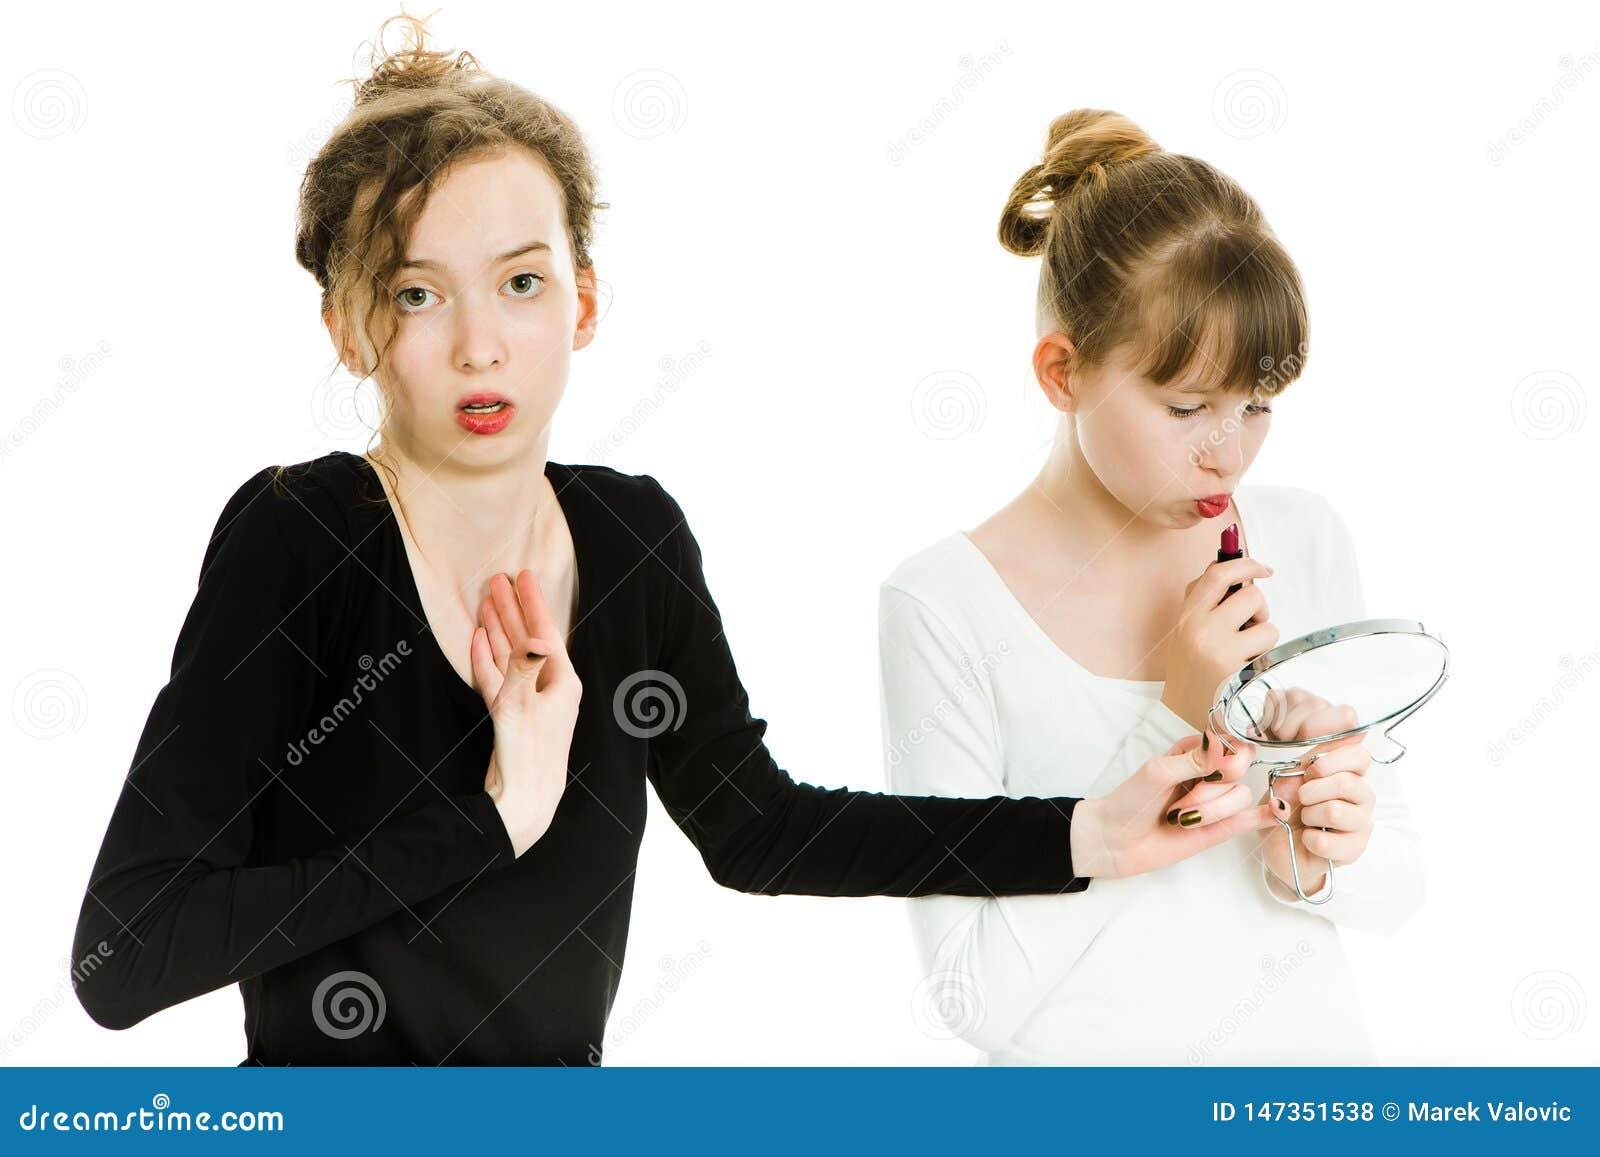 两个青少年女孩讨价还价得到镜子做a组成-姐妹竞争